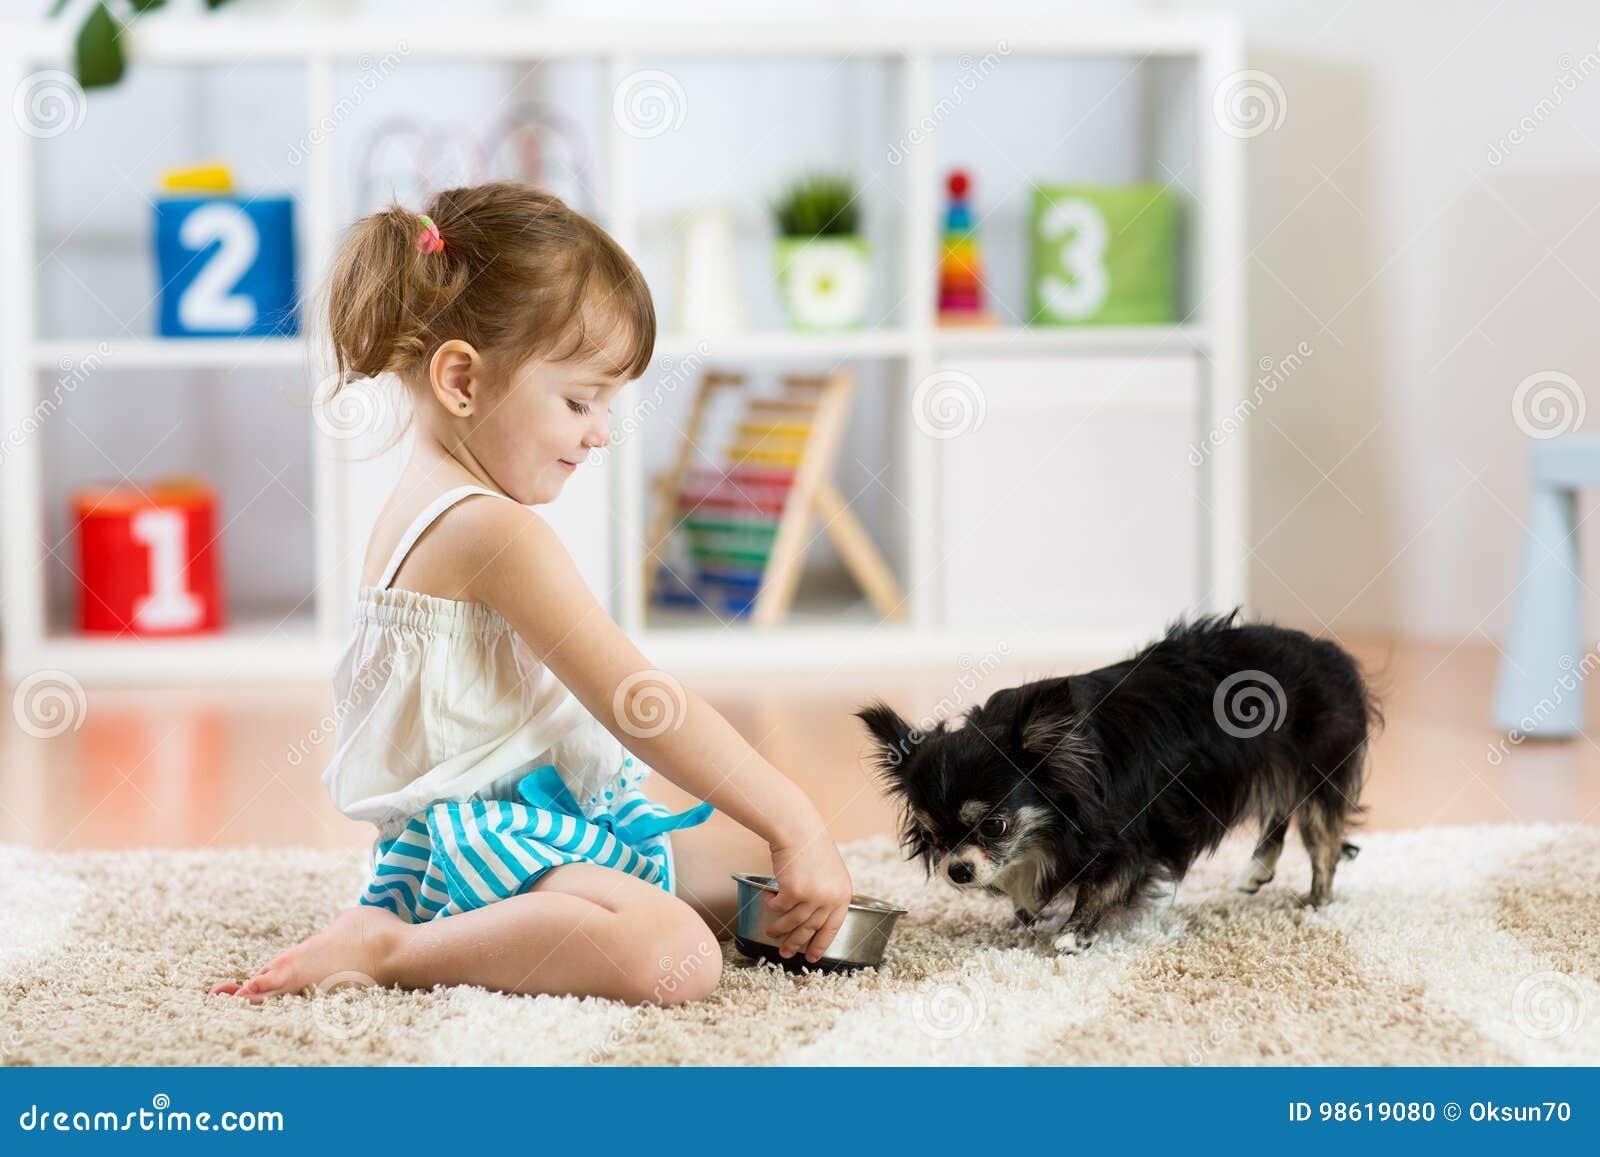 Маленькая девочка подает собака чихуахуа в комнате детей Приятельство любимчика детей